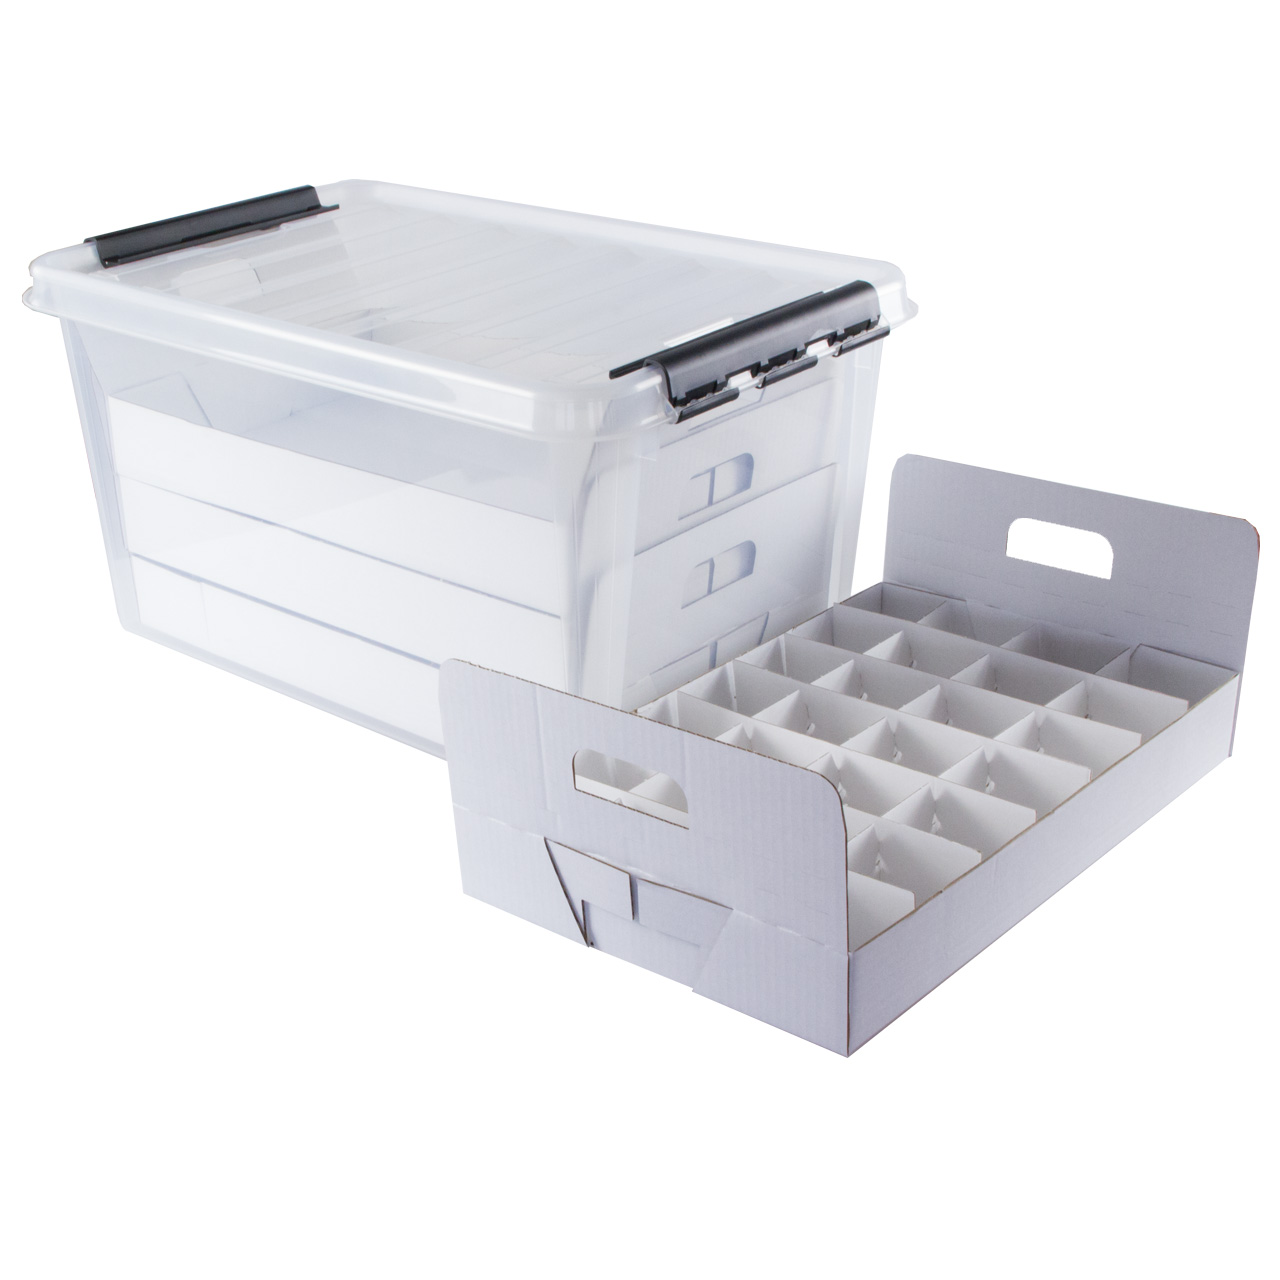 TOP-Box Compact - Aufbewahrungbox für Dekoartikel mit Inneneinteilung